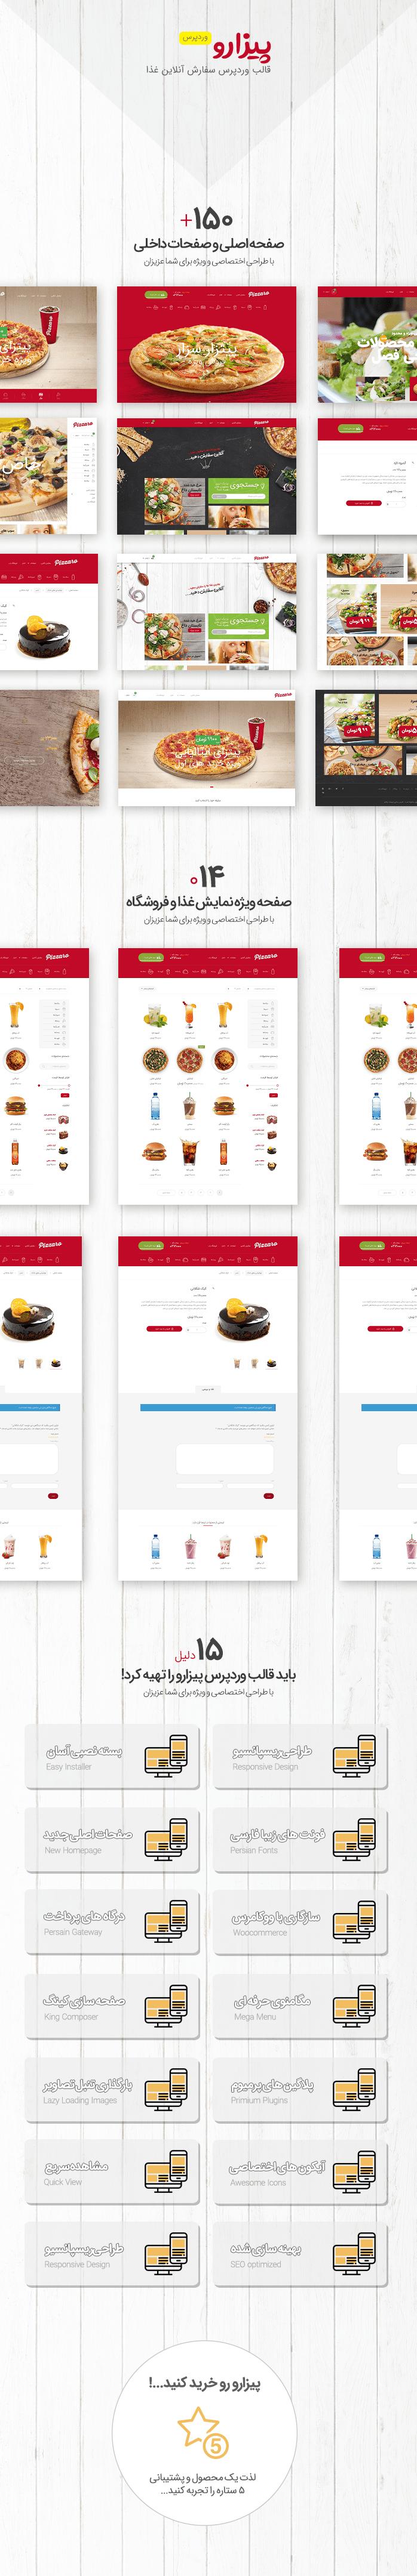 قالبPizzaro قالب وردپرس سفارش آنلاین غذا | نسخه اورجینال + راهنمای قالب